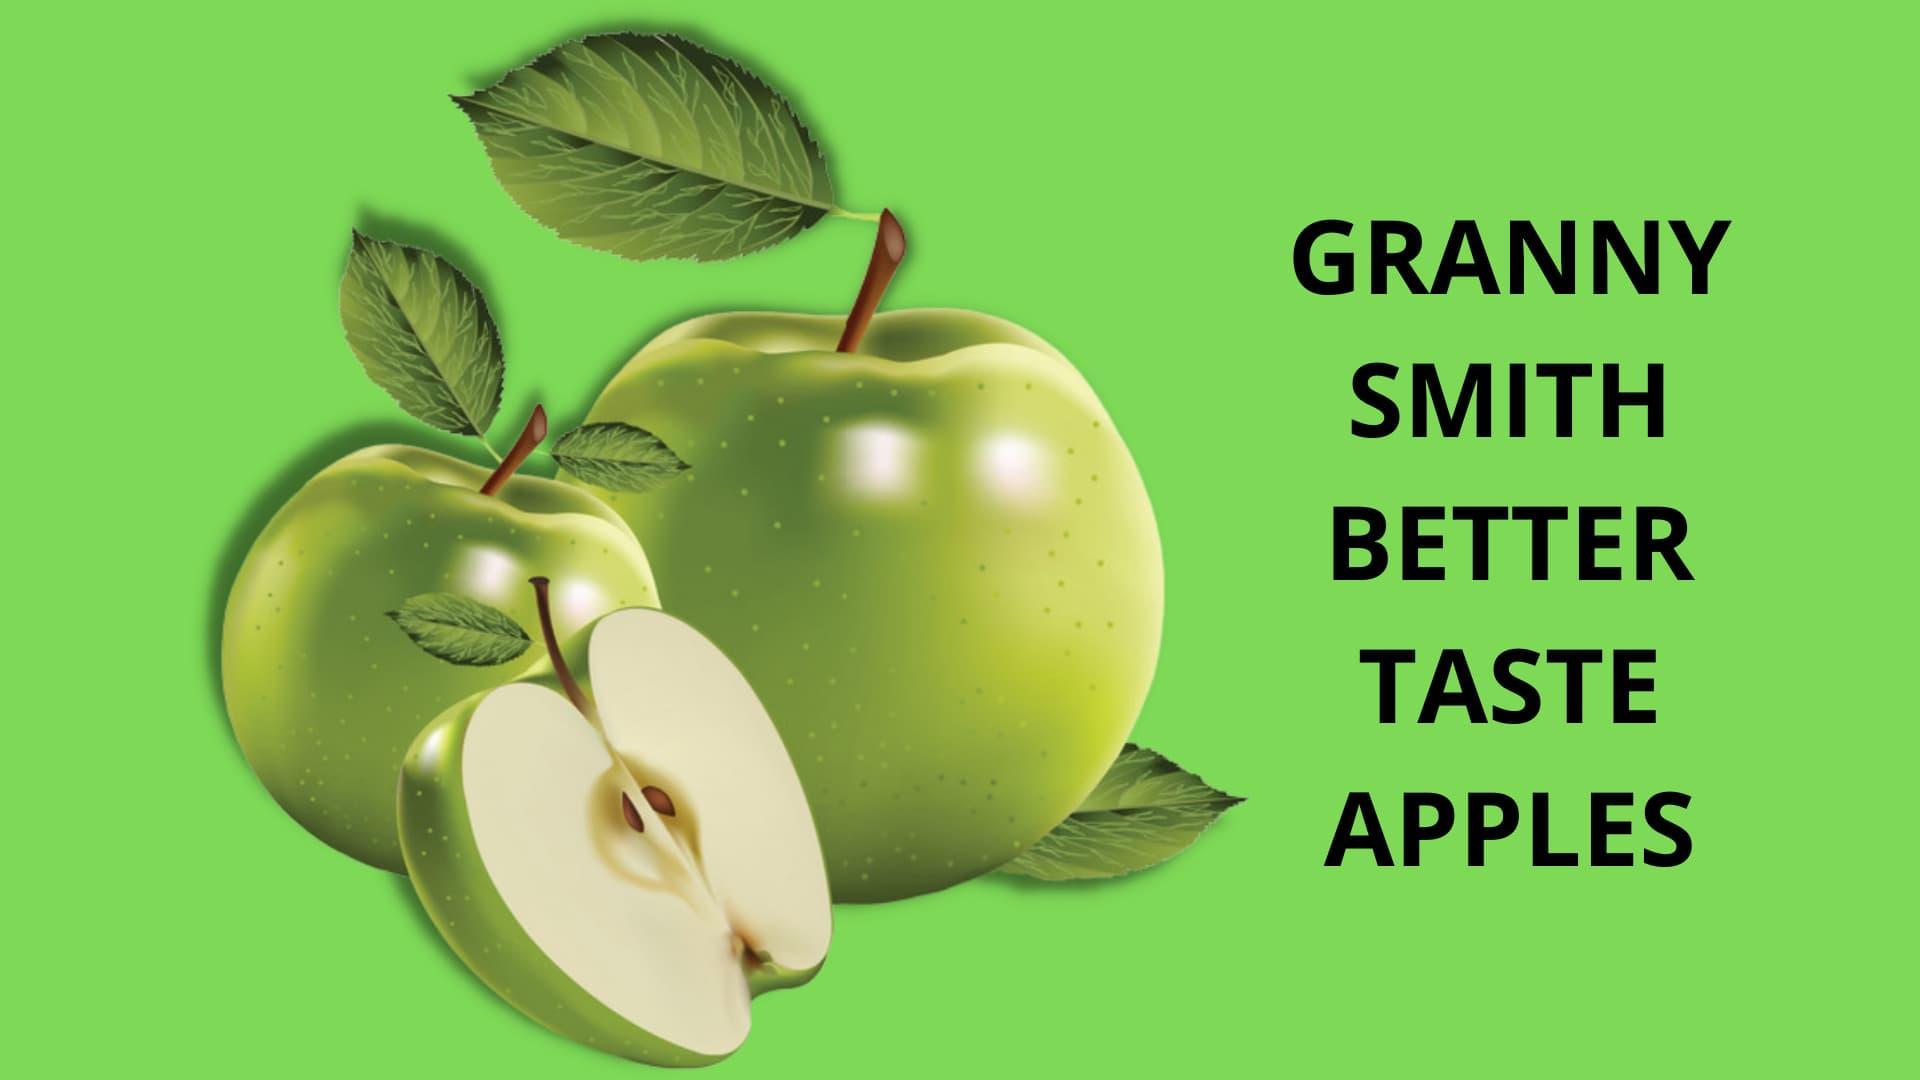 Granny Smith Better Taste Apples